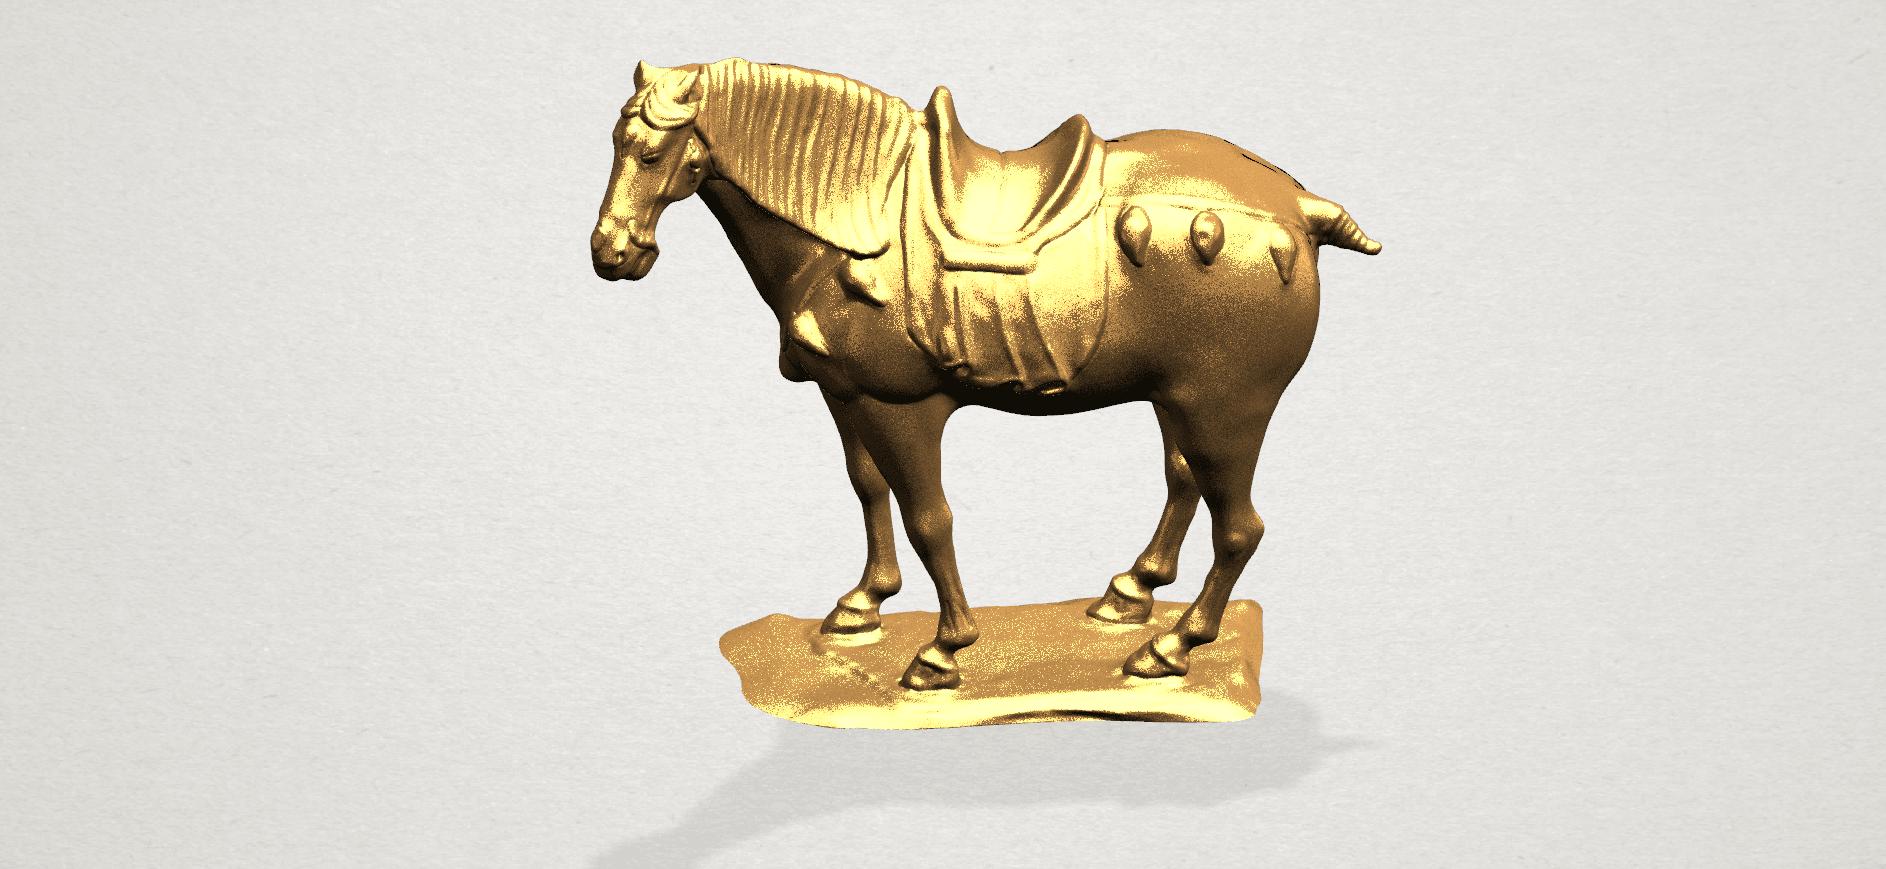 Horse (iv) A08.png Télécharger fichier STL gratuit Cheval 04 • Design à imprimer en 3D, GeorgesNikkei